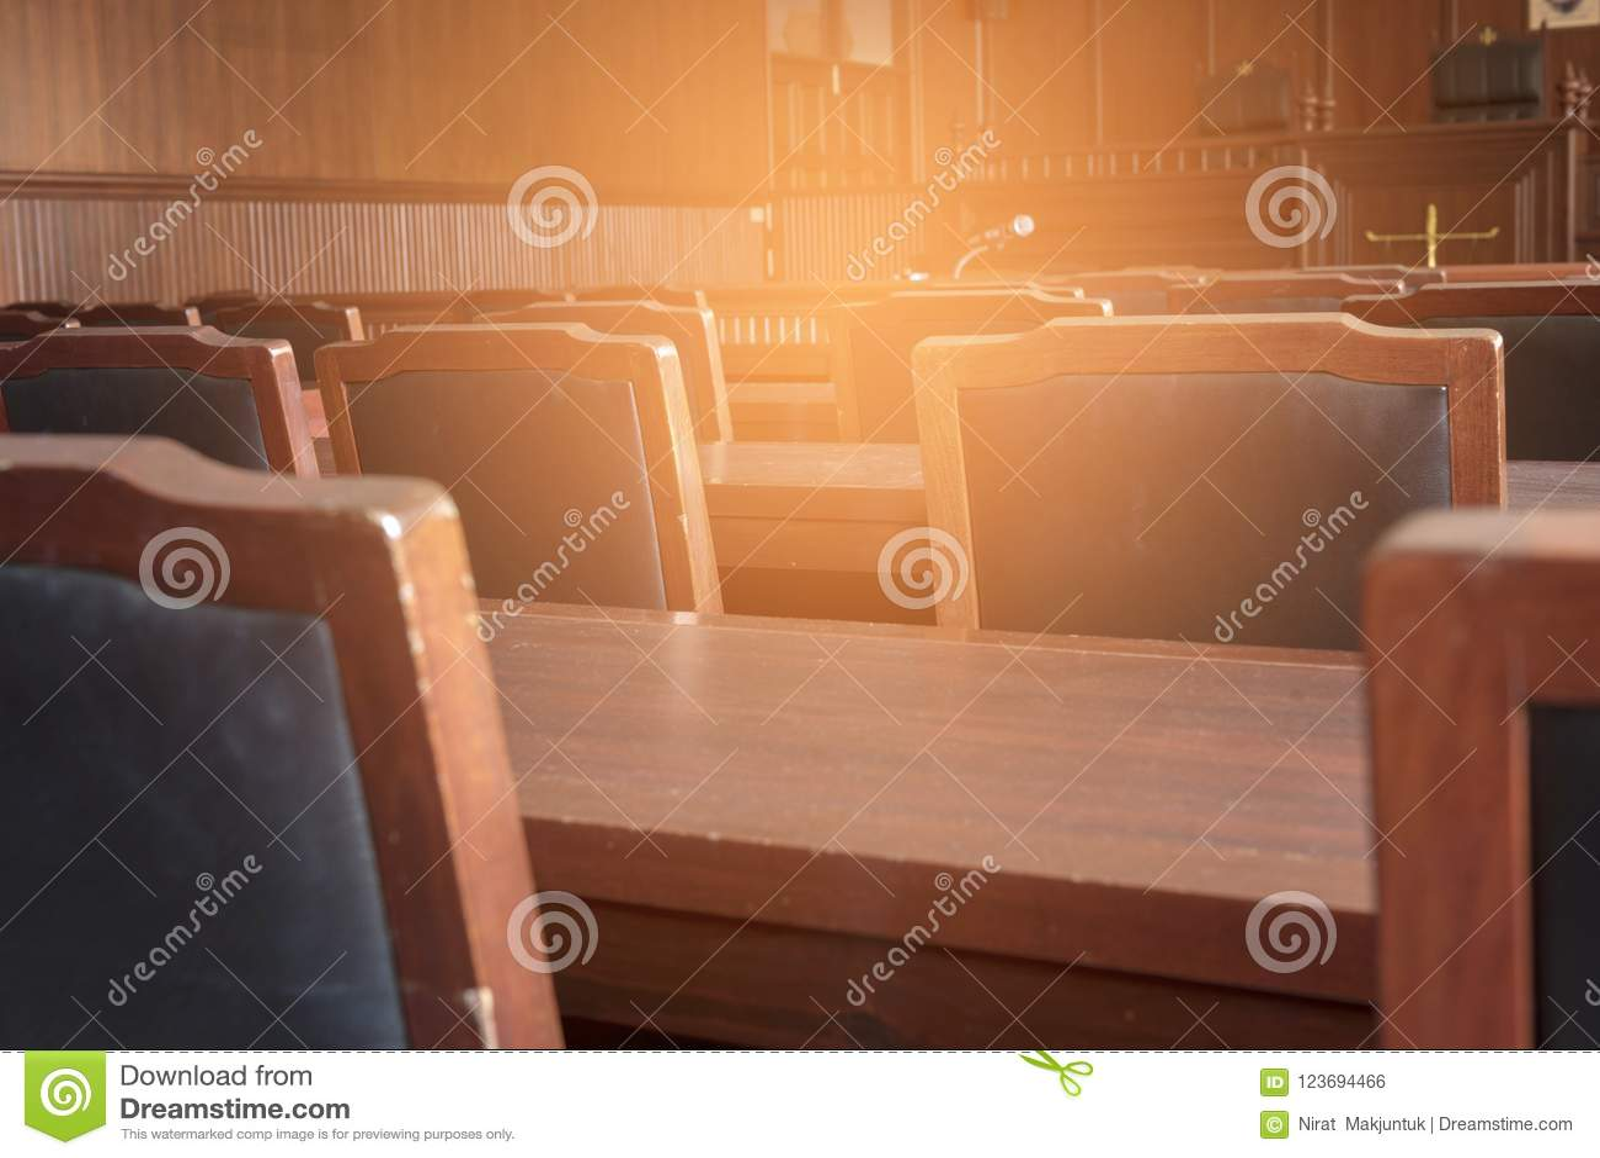 Таблица и стул в зале судебных заседаний